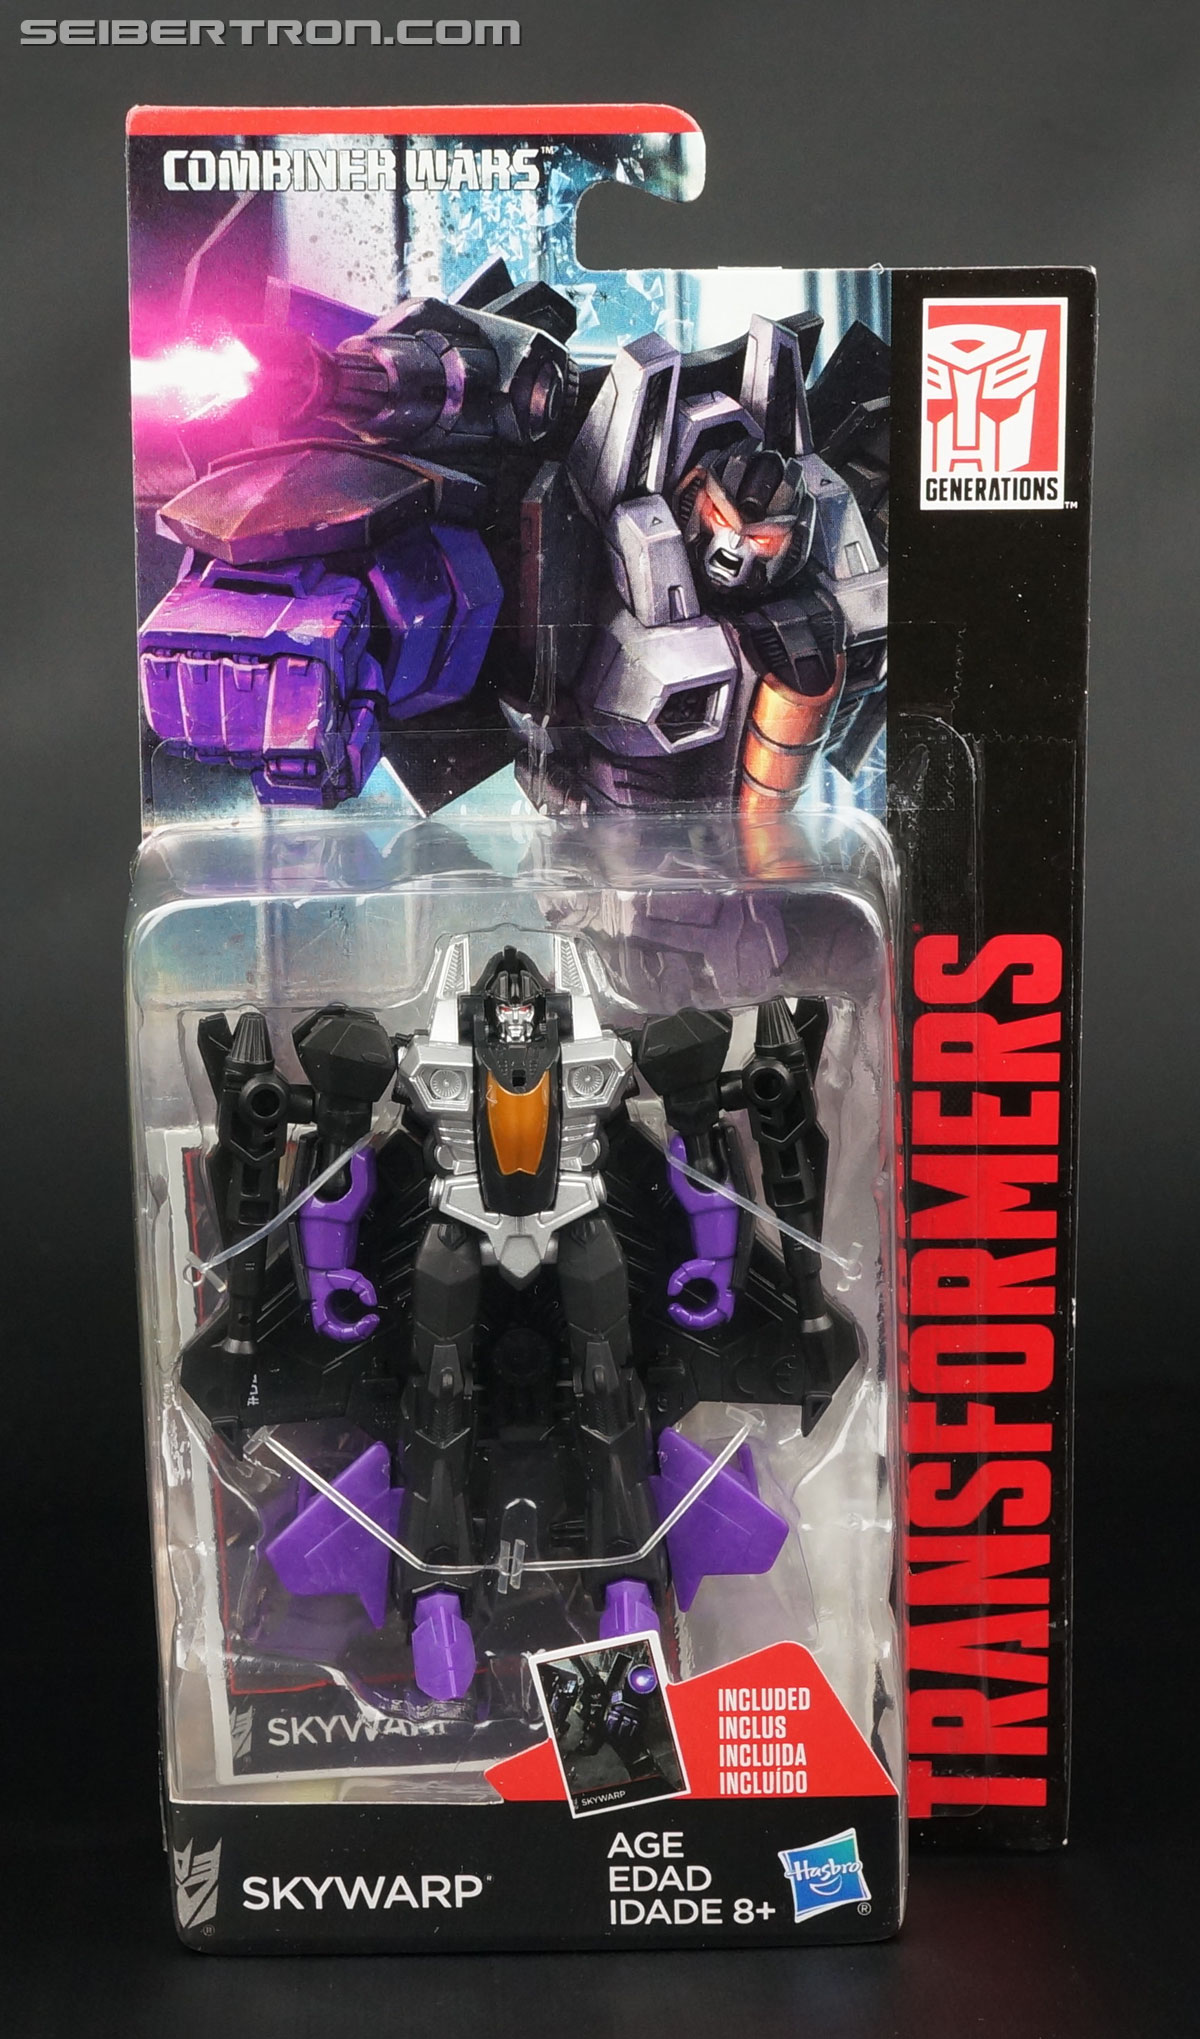 Transformers Generations Combiner Wars Skywarp (Image #1 of 105)